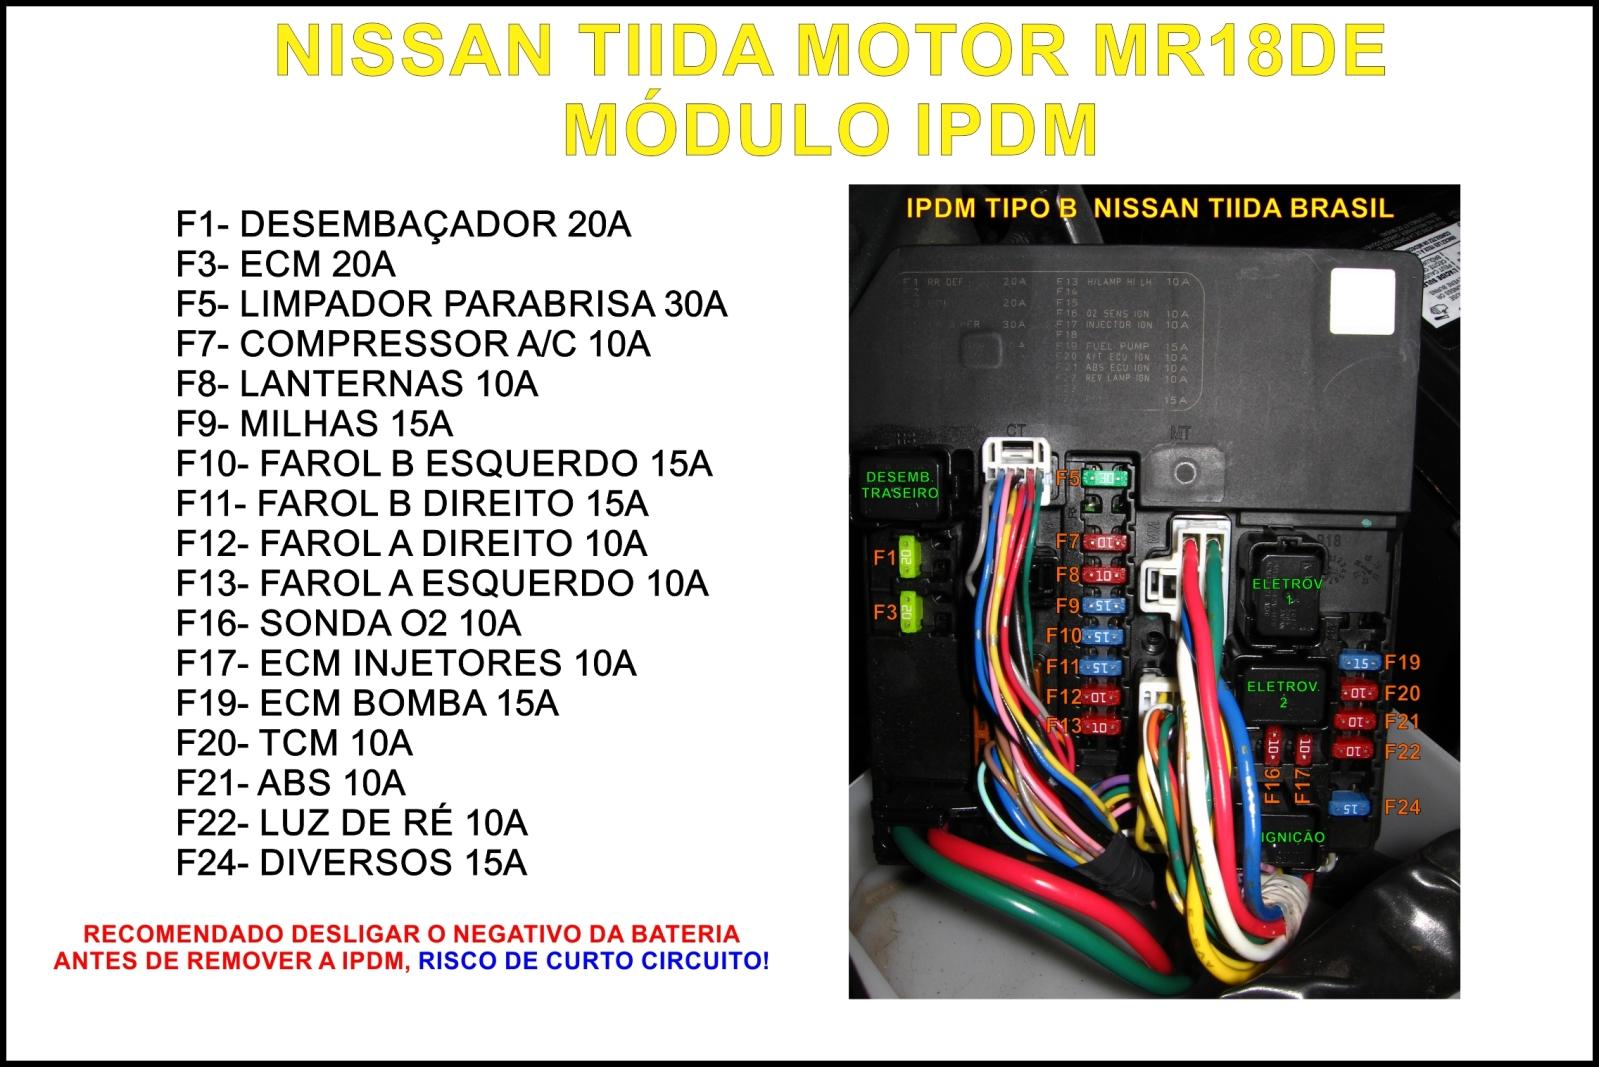 Instalação sensor de abertura de portão no Tiida 2010 21cv7f8